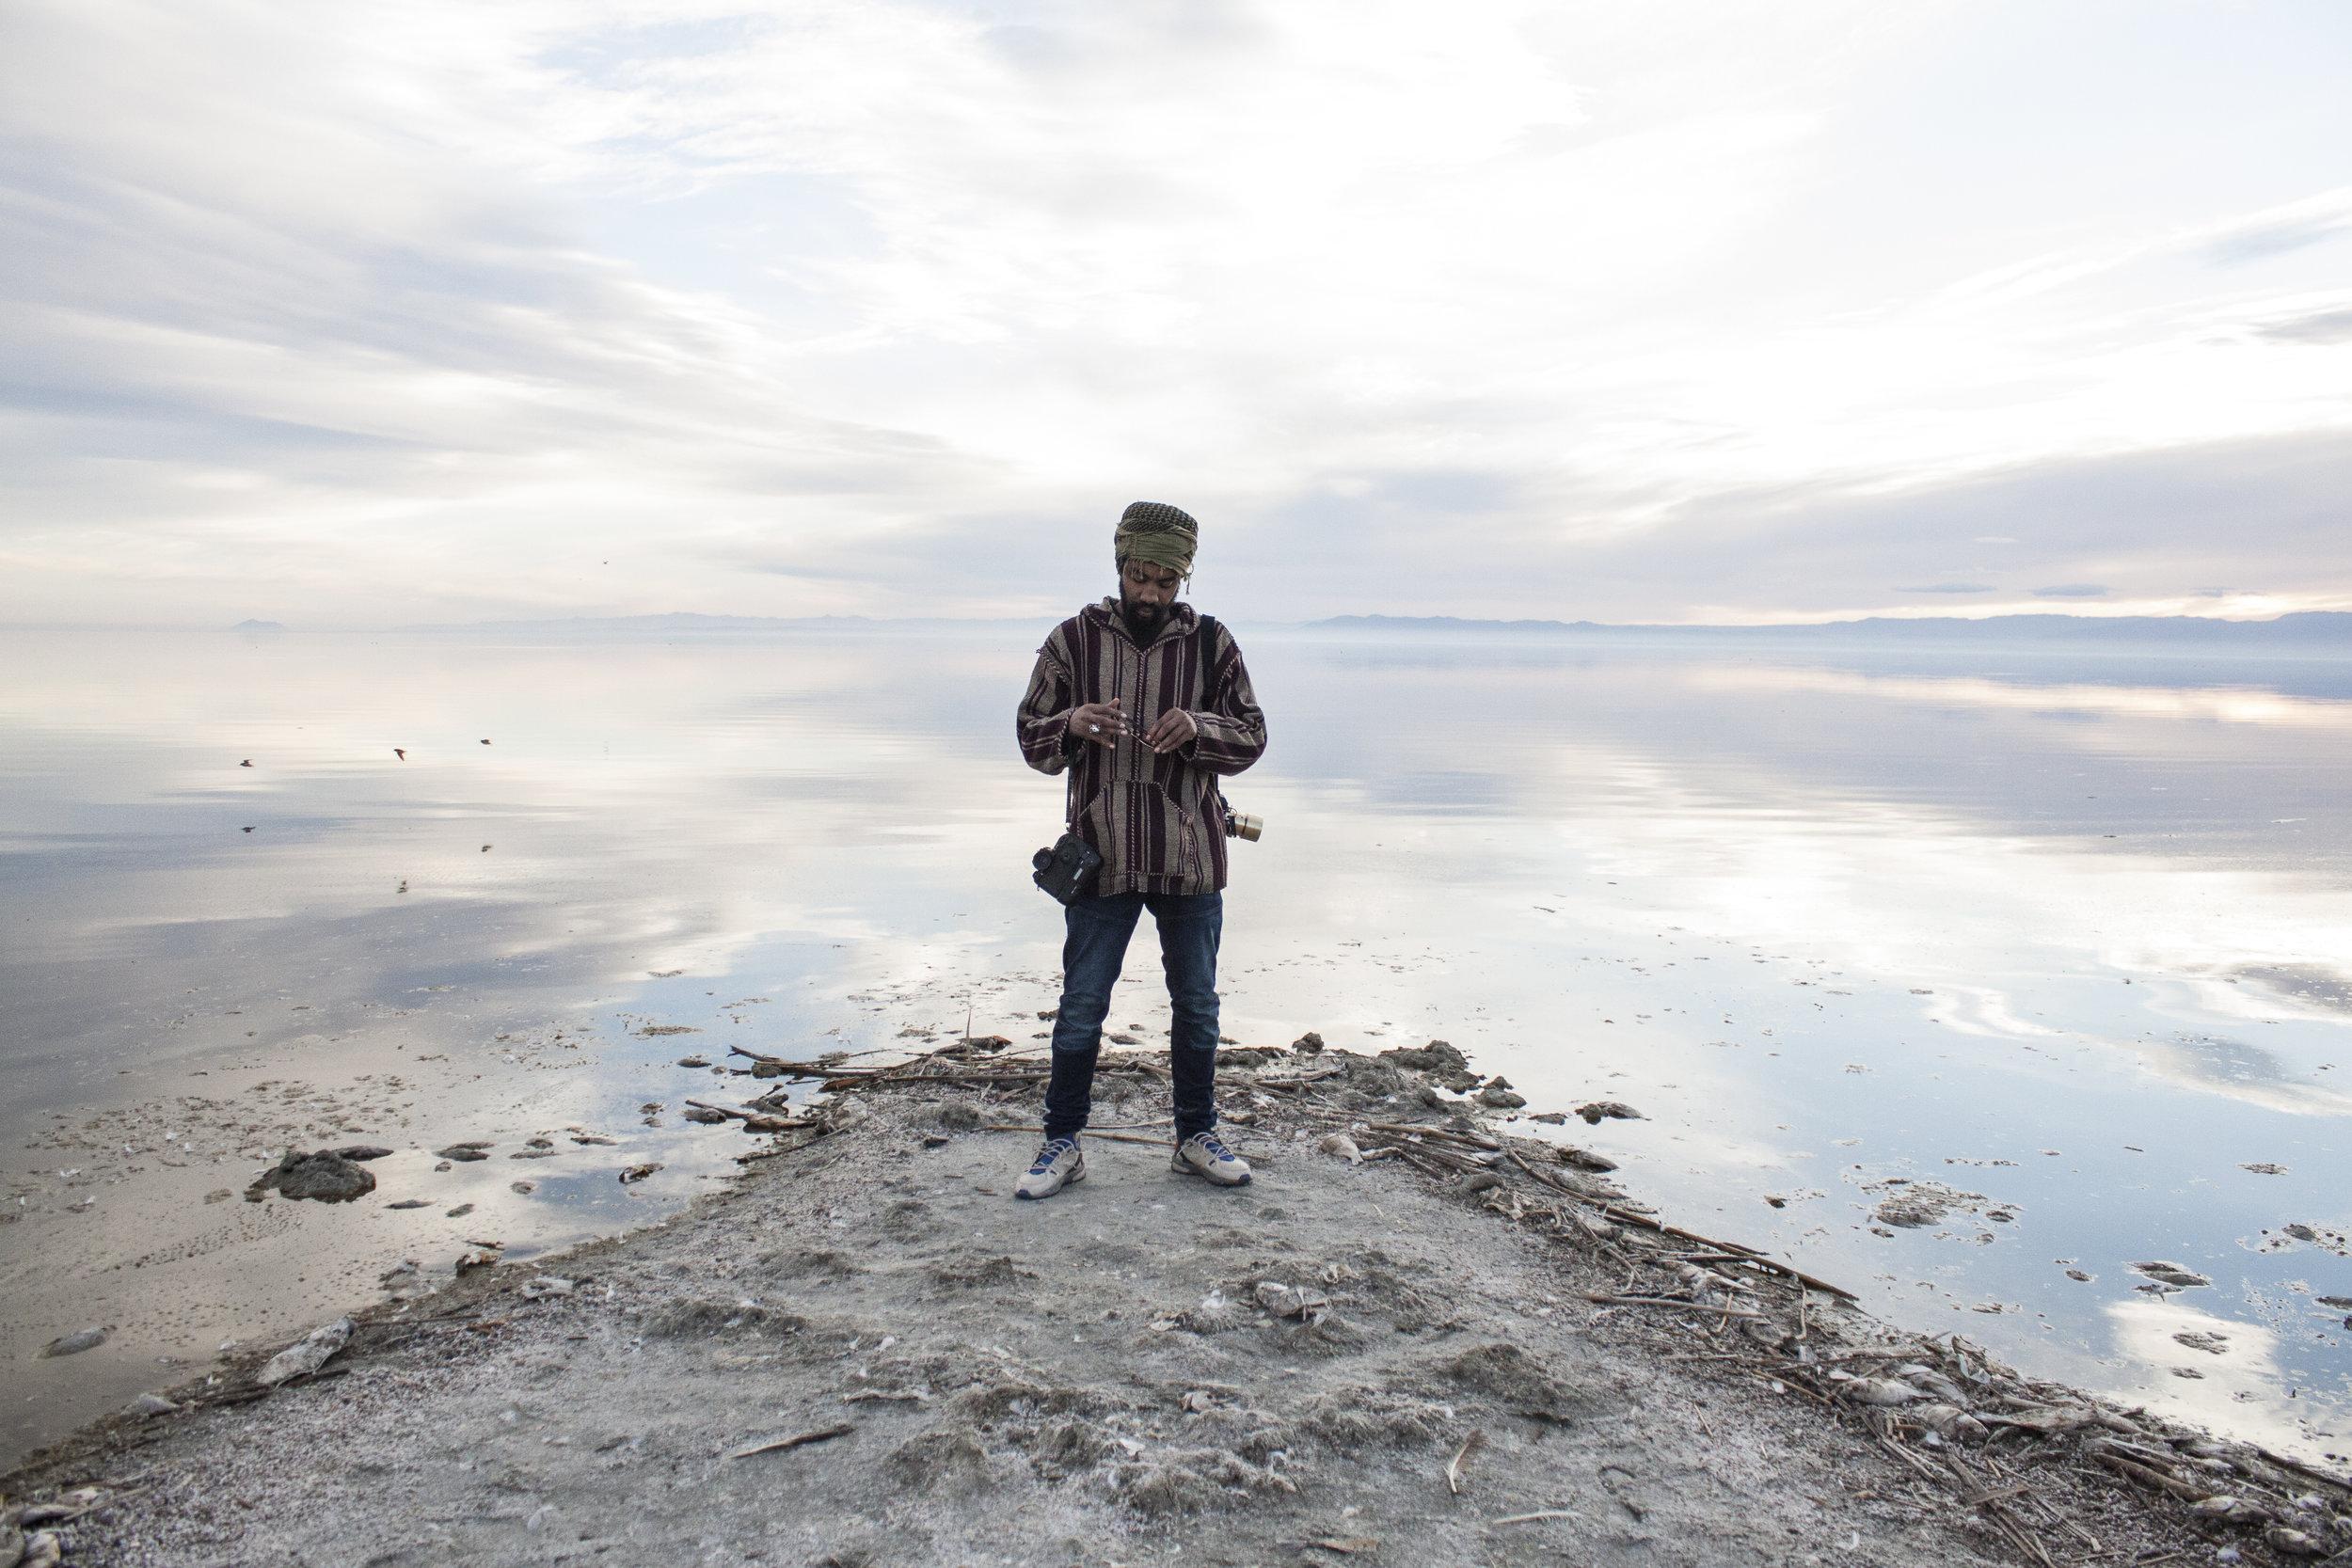 Maachew Bentley at the Salton Sea